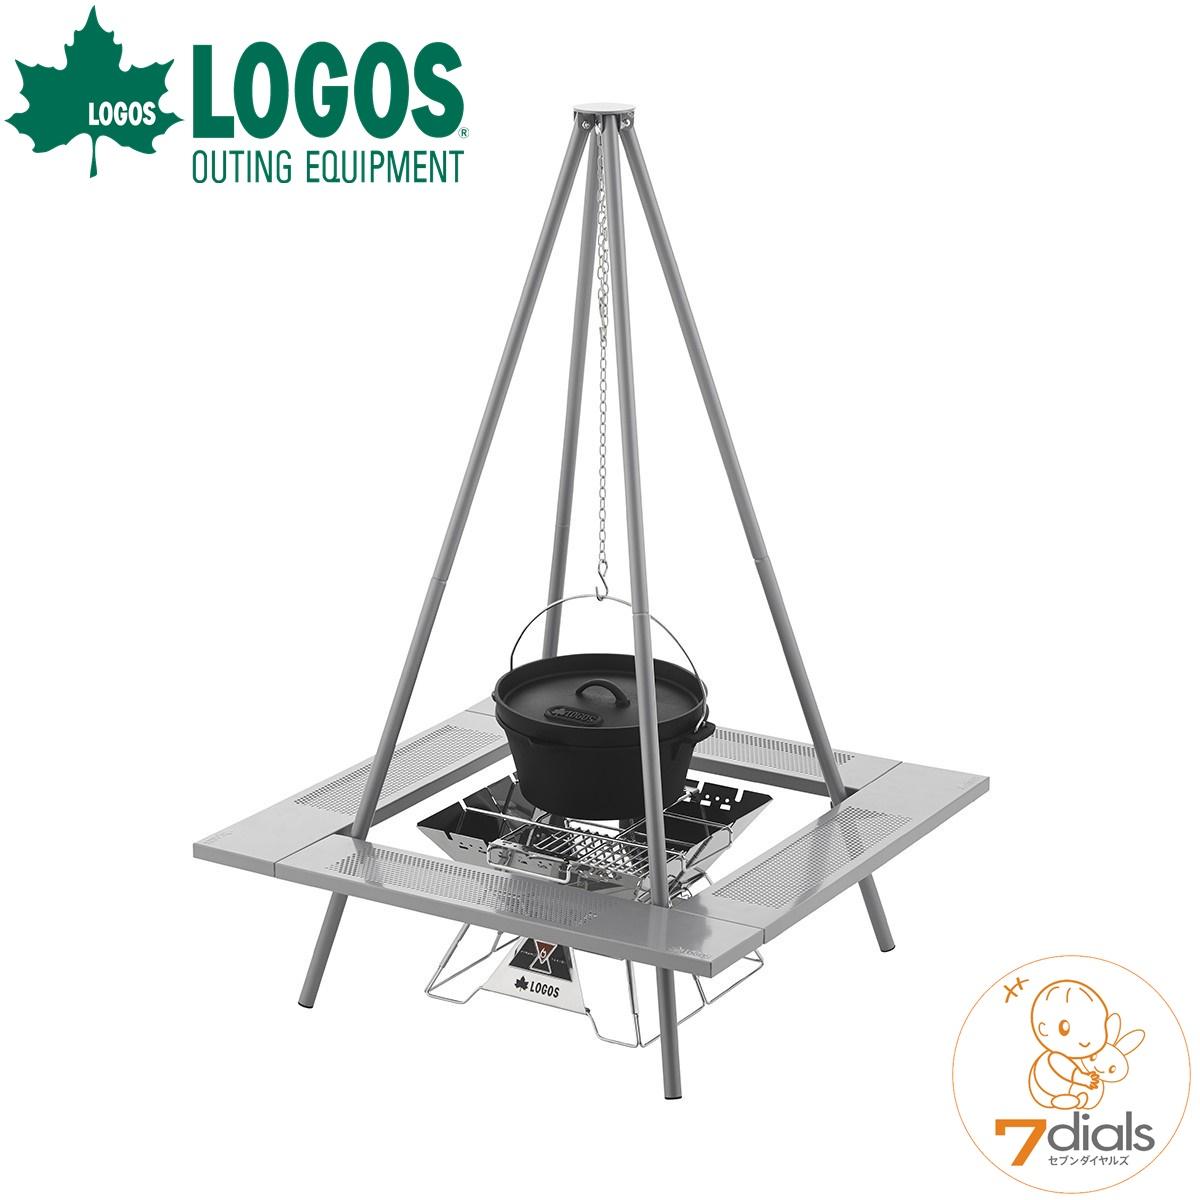 LOGOS/ロゴス 囲炉裏ピラミッドパッケージ ピラミッドTAKIBIと囲炉裏ポッドテーブルの2点セット キャンプでのダッチオーブン料理や焚火に楽しさが増えるアイテム【送料無料】